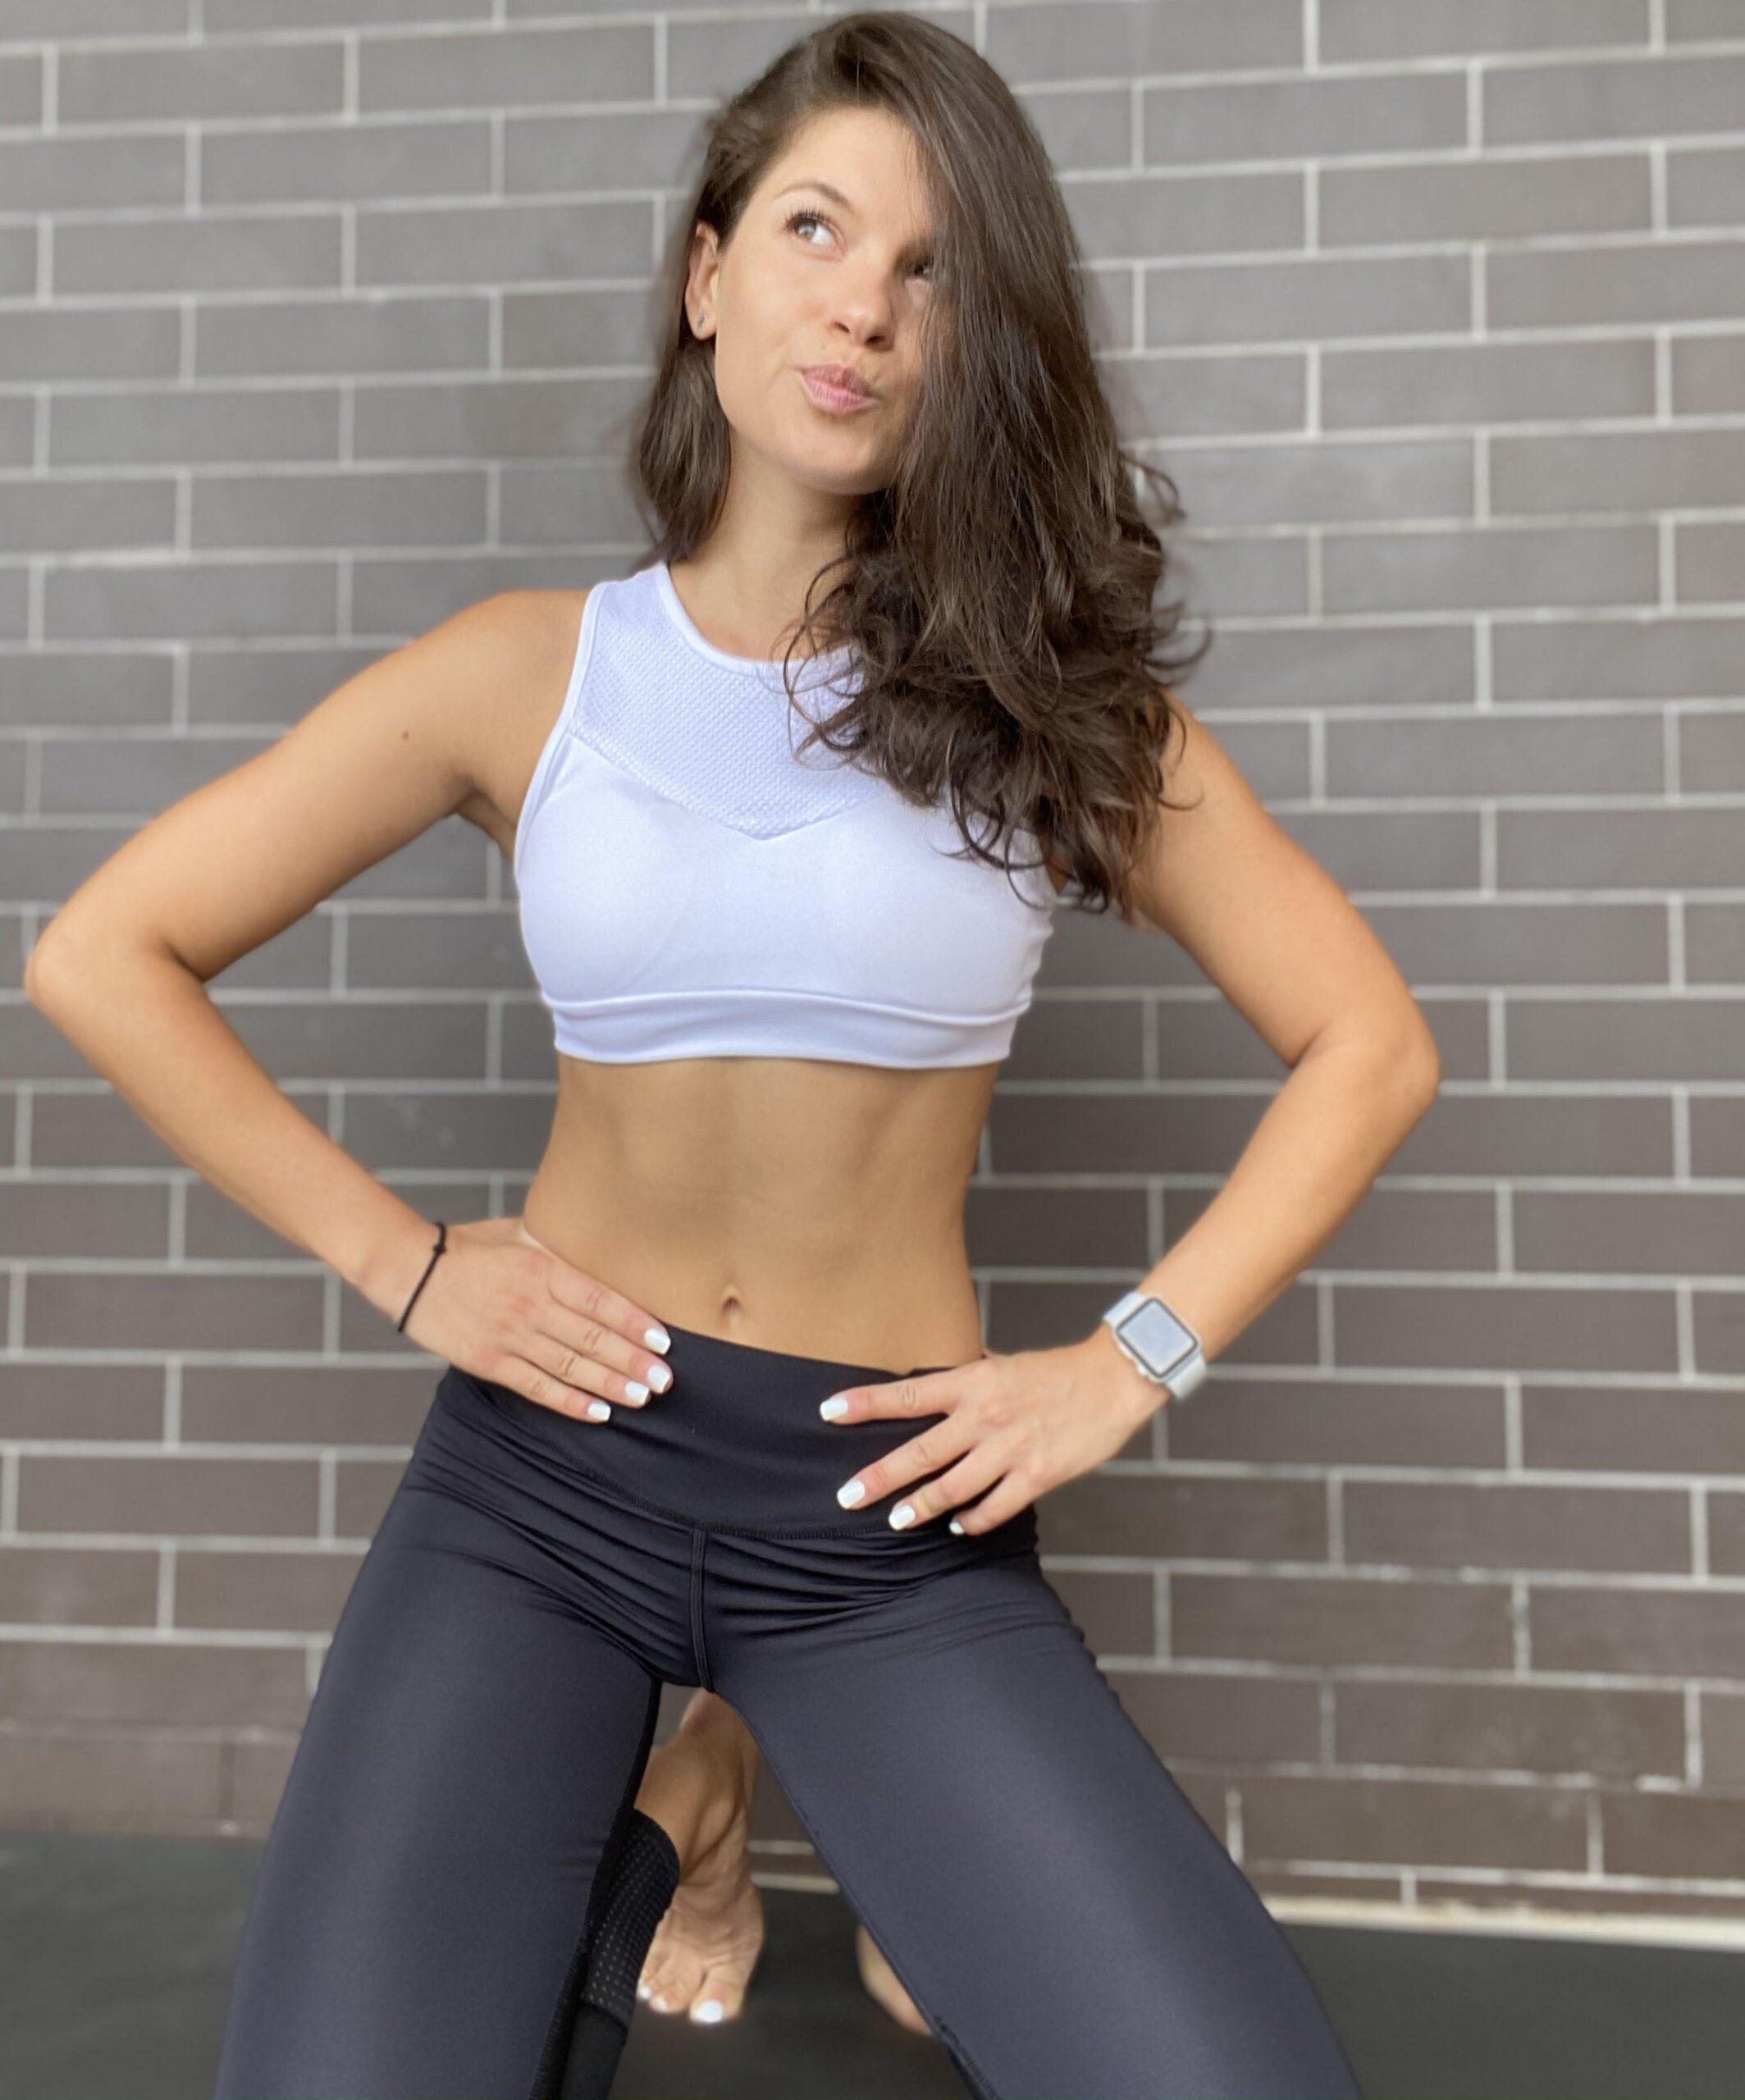 Ana Maria Cazan